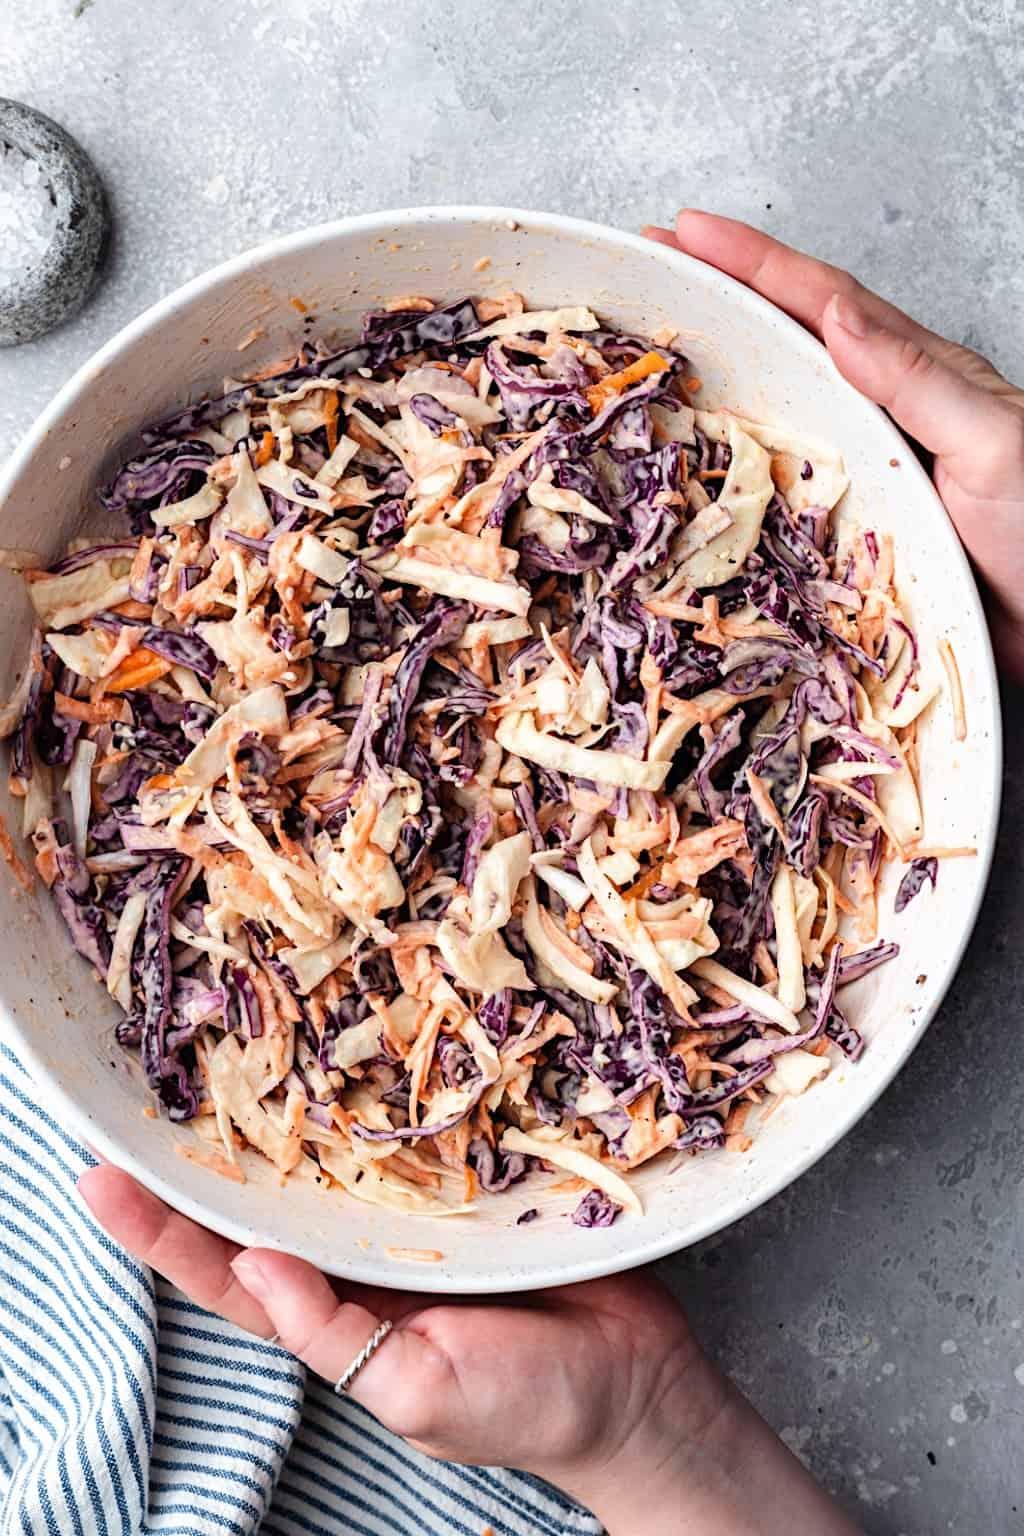 Easy Vegan Coleslaw #vegan #coleslaw #dairyfree #eggfree #mayo #food